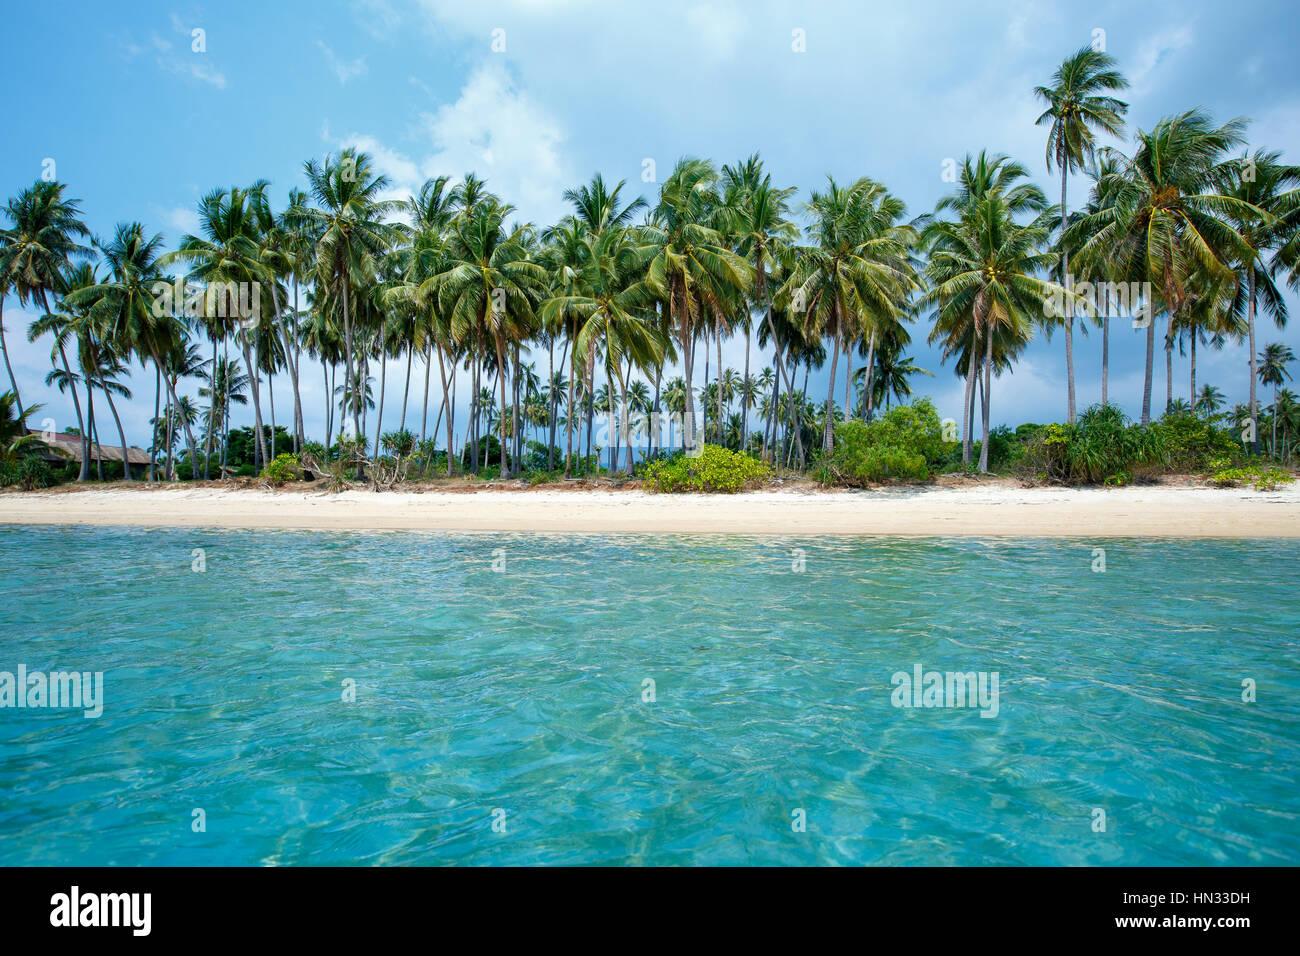 Spiaggia tropicale e palme da cocco in Koh Samui, Thailandia Immagini Stock